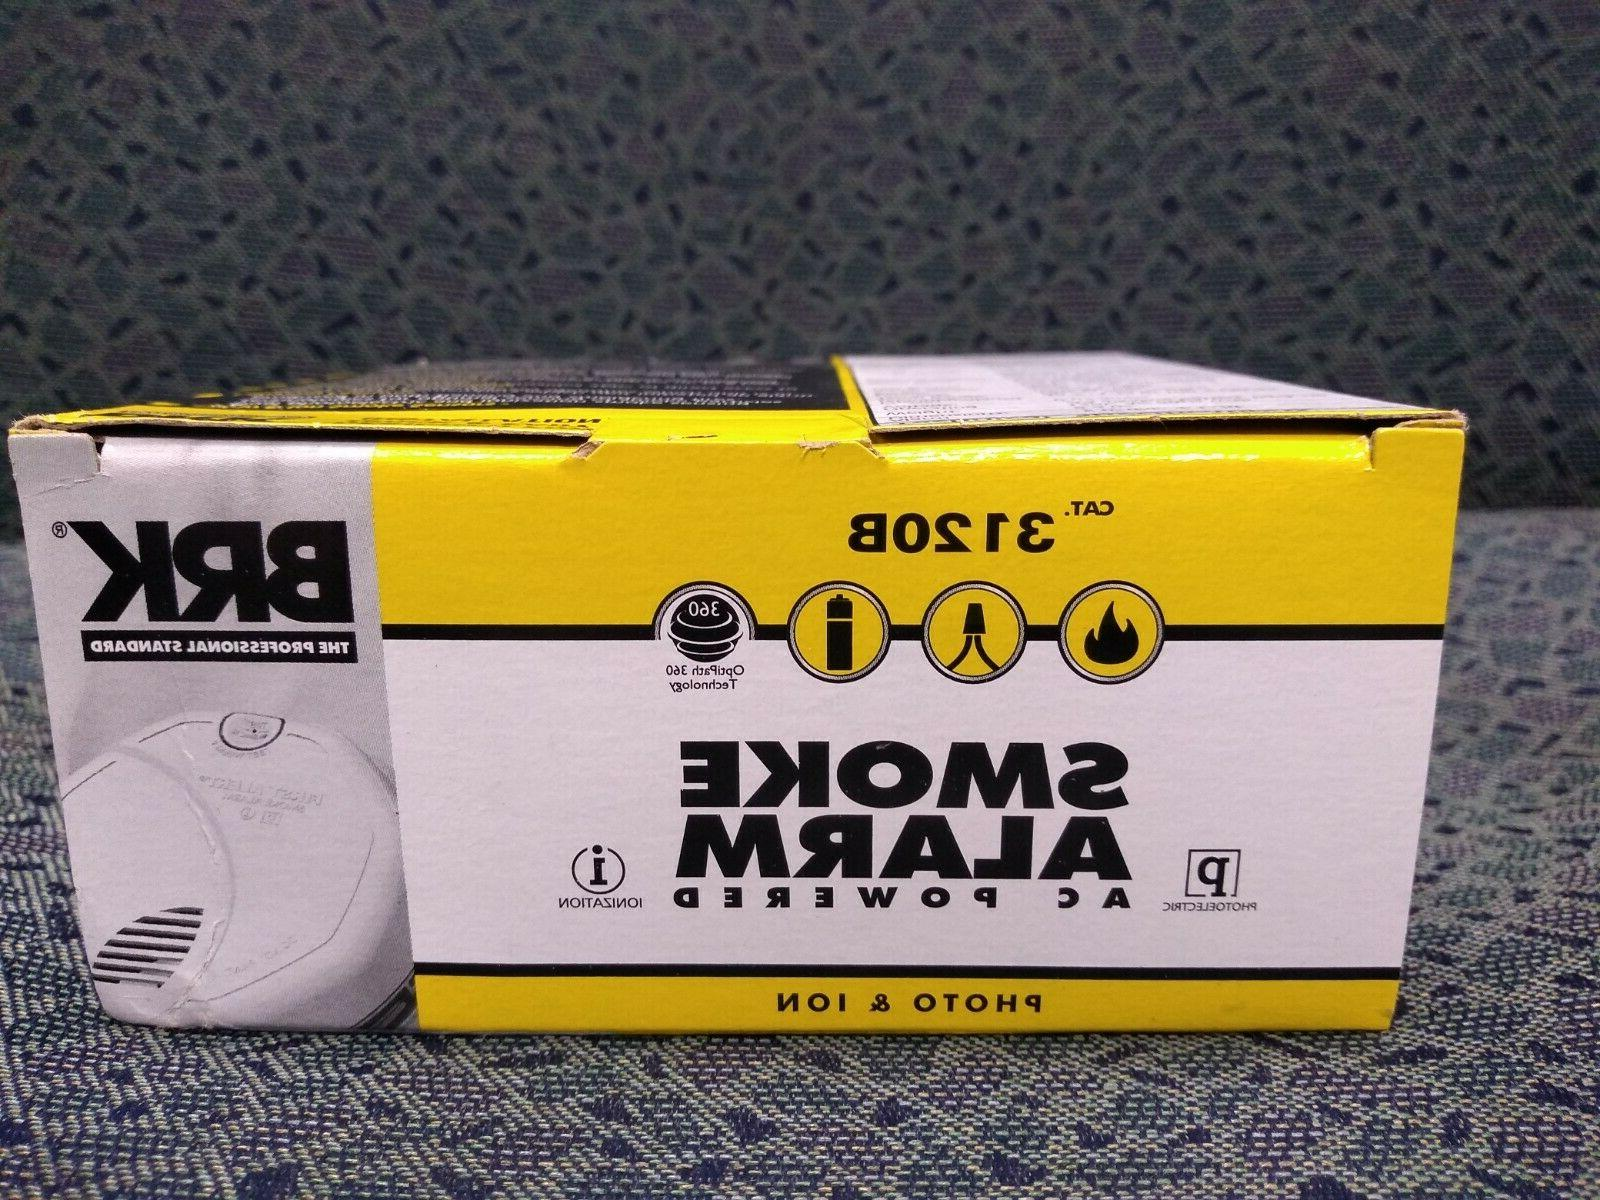 Smoke Ionization/Photo, Battery back